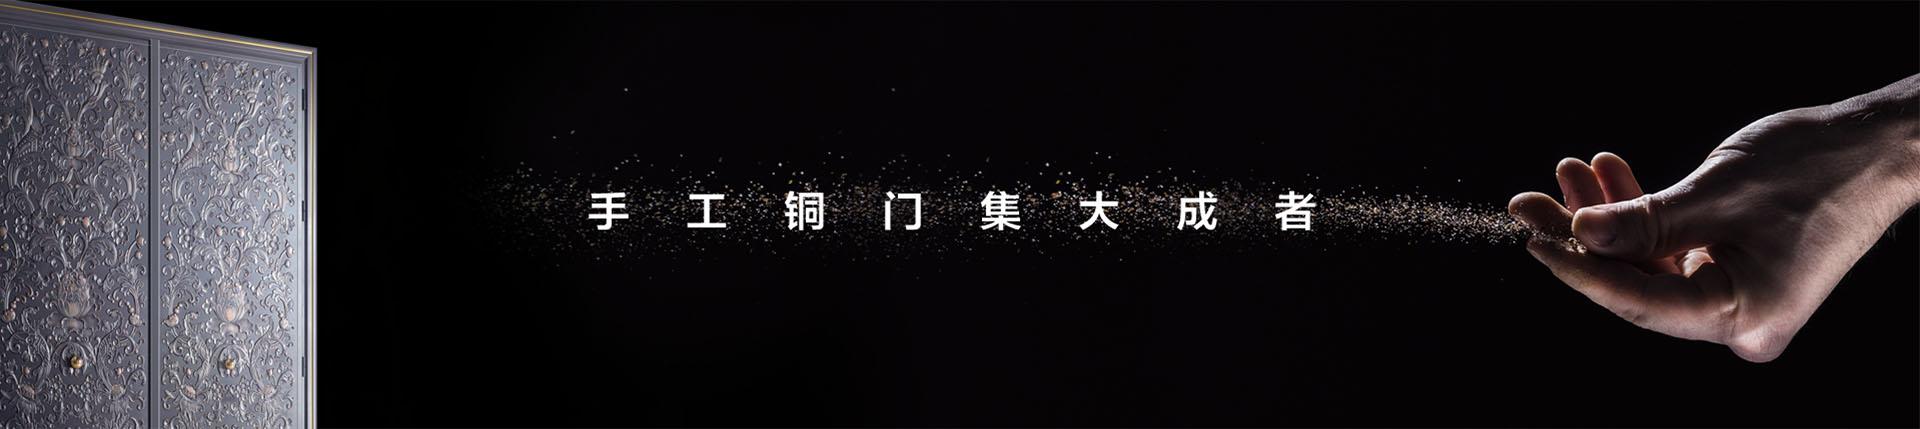 浙江万博manbet手机客户端万博彩票手机app下载有限公司